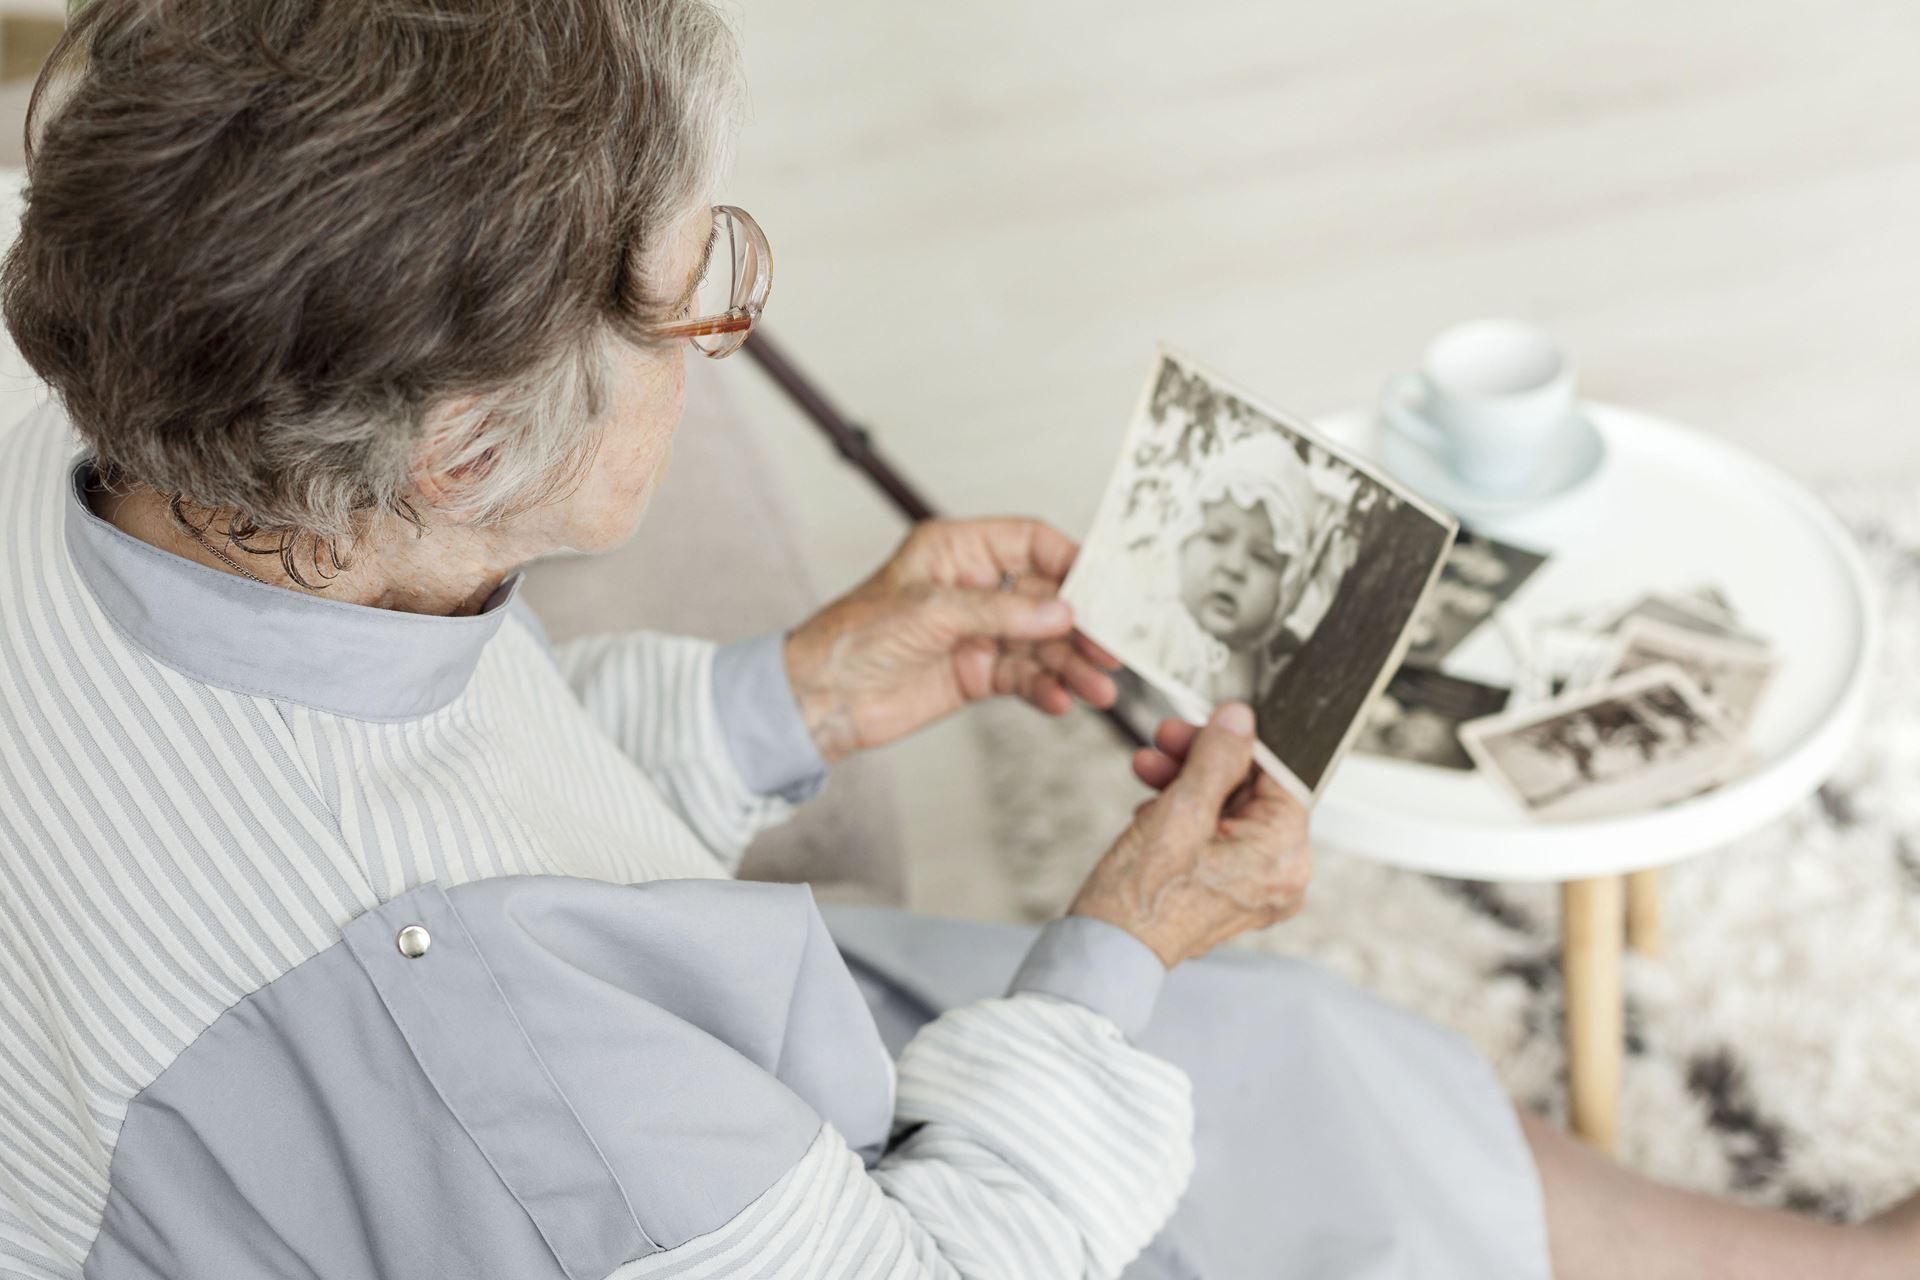 המדריך הדיגיטלי לשיקום ושיפור תפקודי חשיבה וזיכרון מבית Restart Therapy המומחים בשיקום פרטי בבית הלקוח